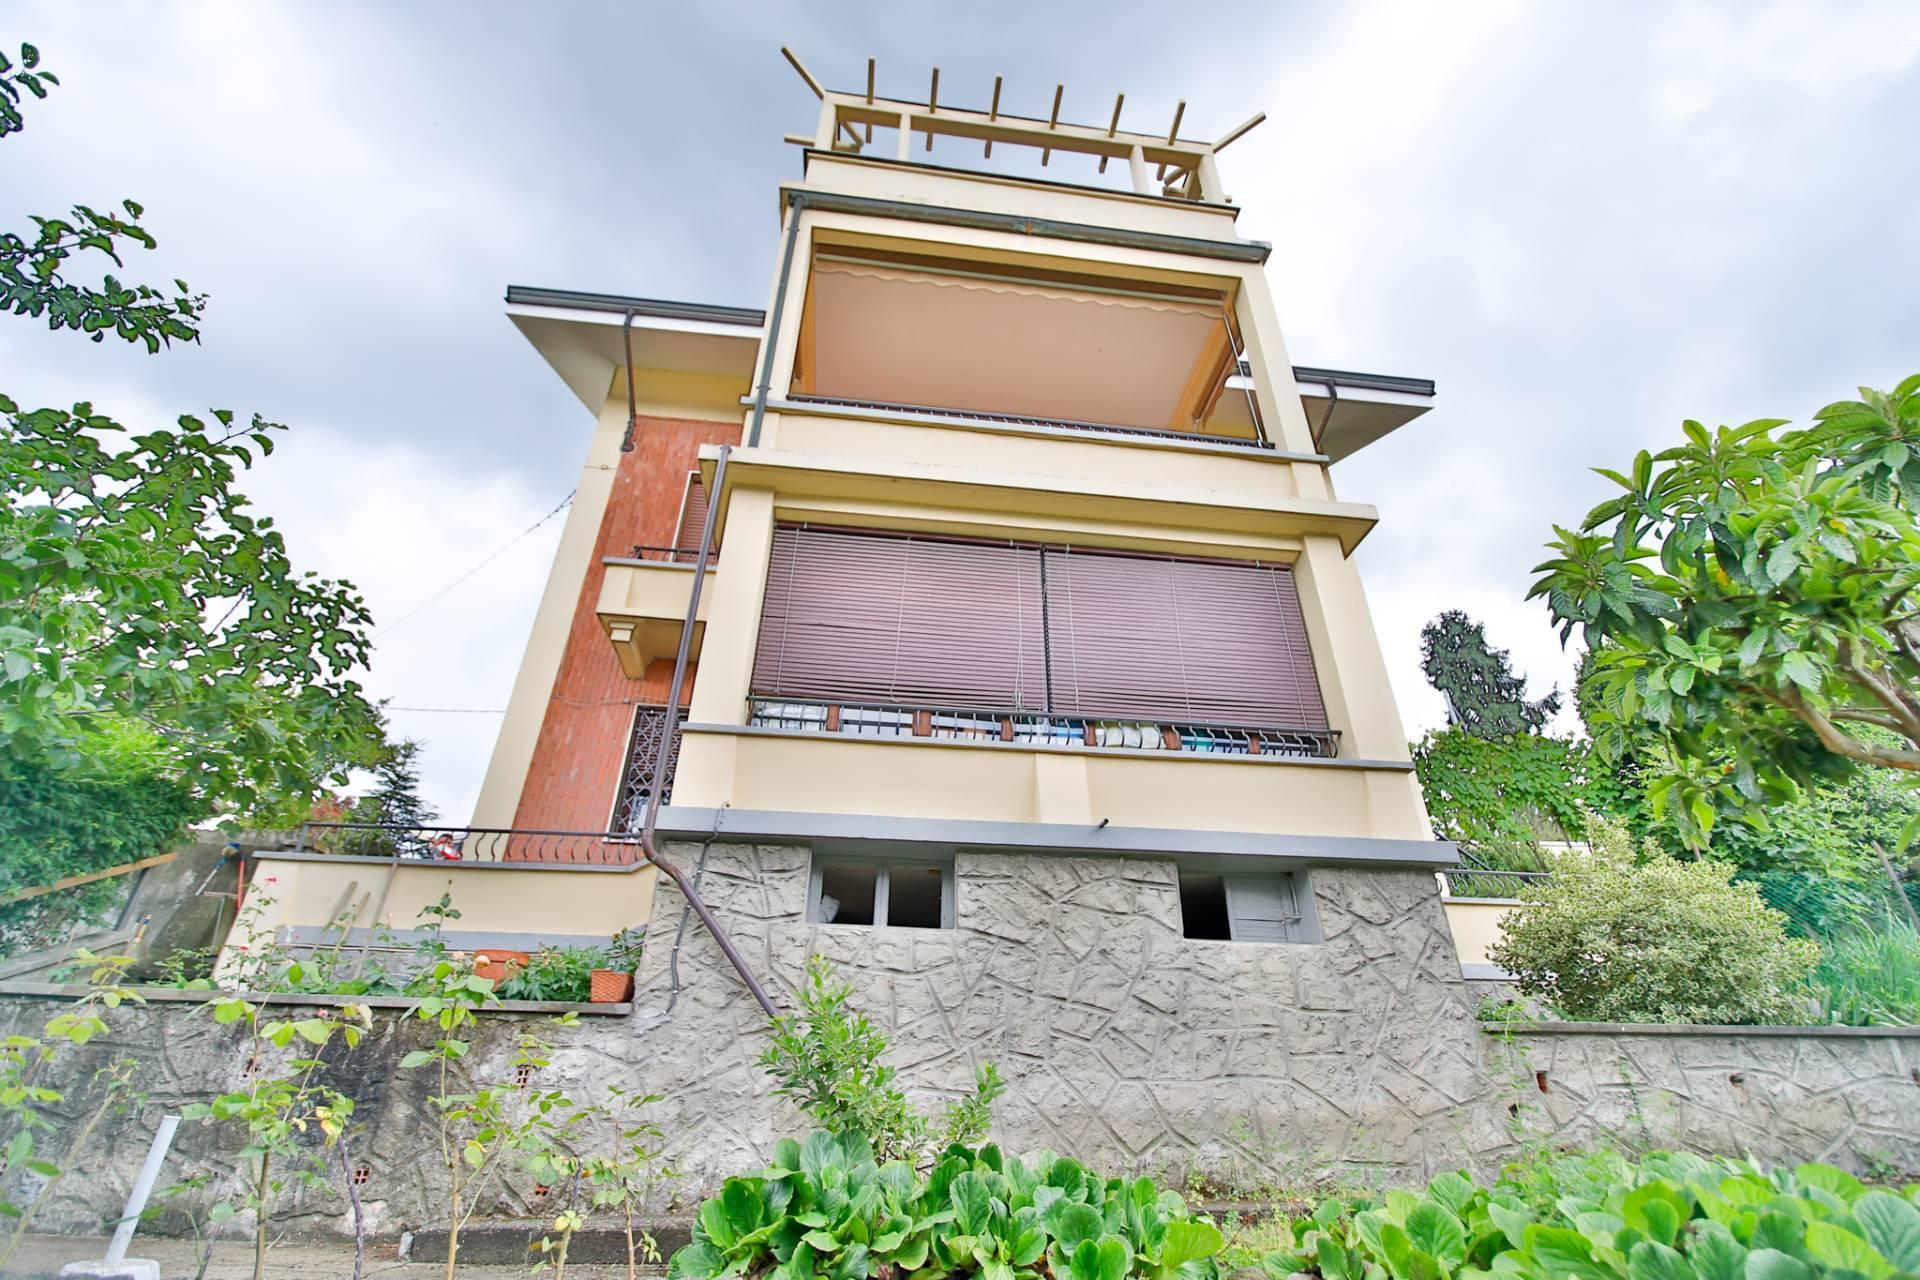 Appartamento in vendita a San Mauro Torinese, 4 locali, prezzo € 265.000 | CambioCasa.it